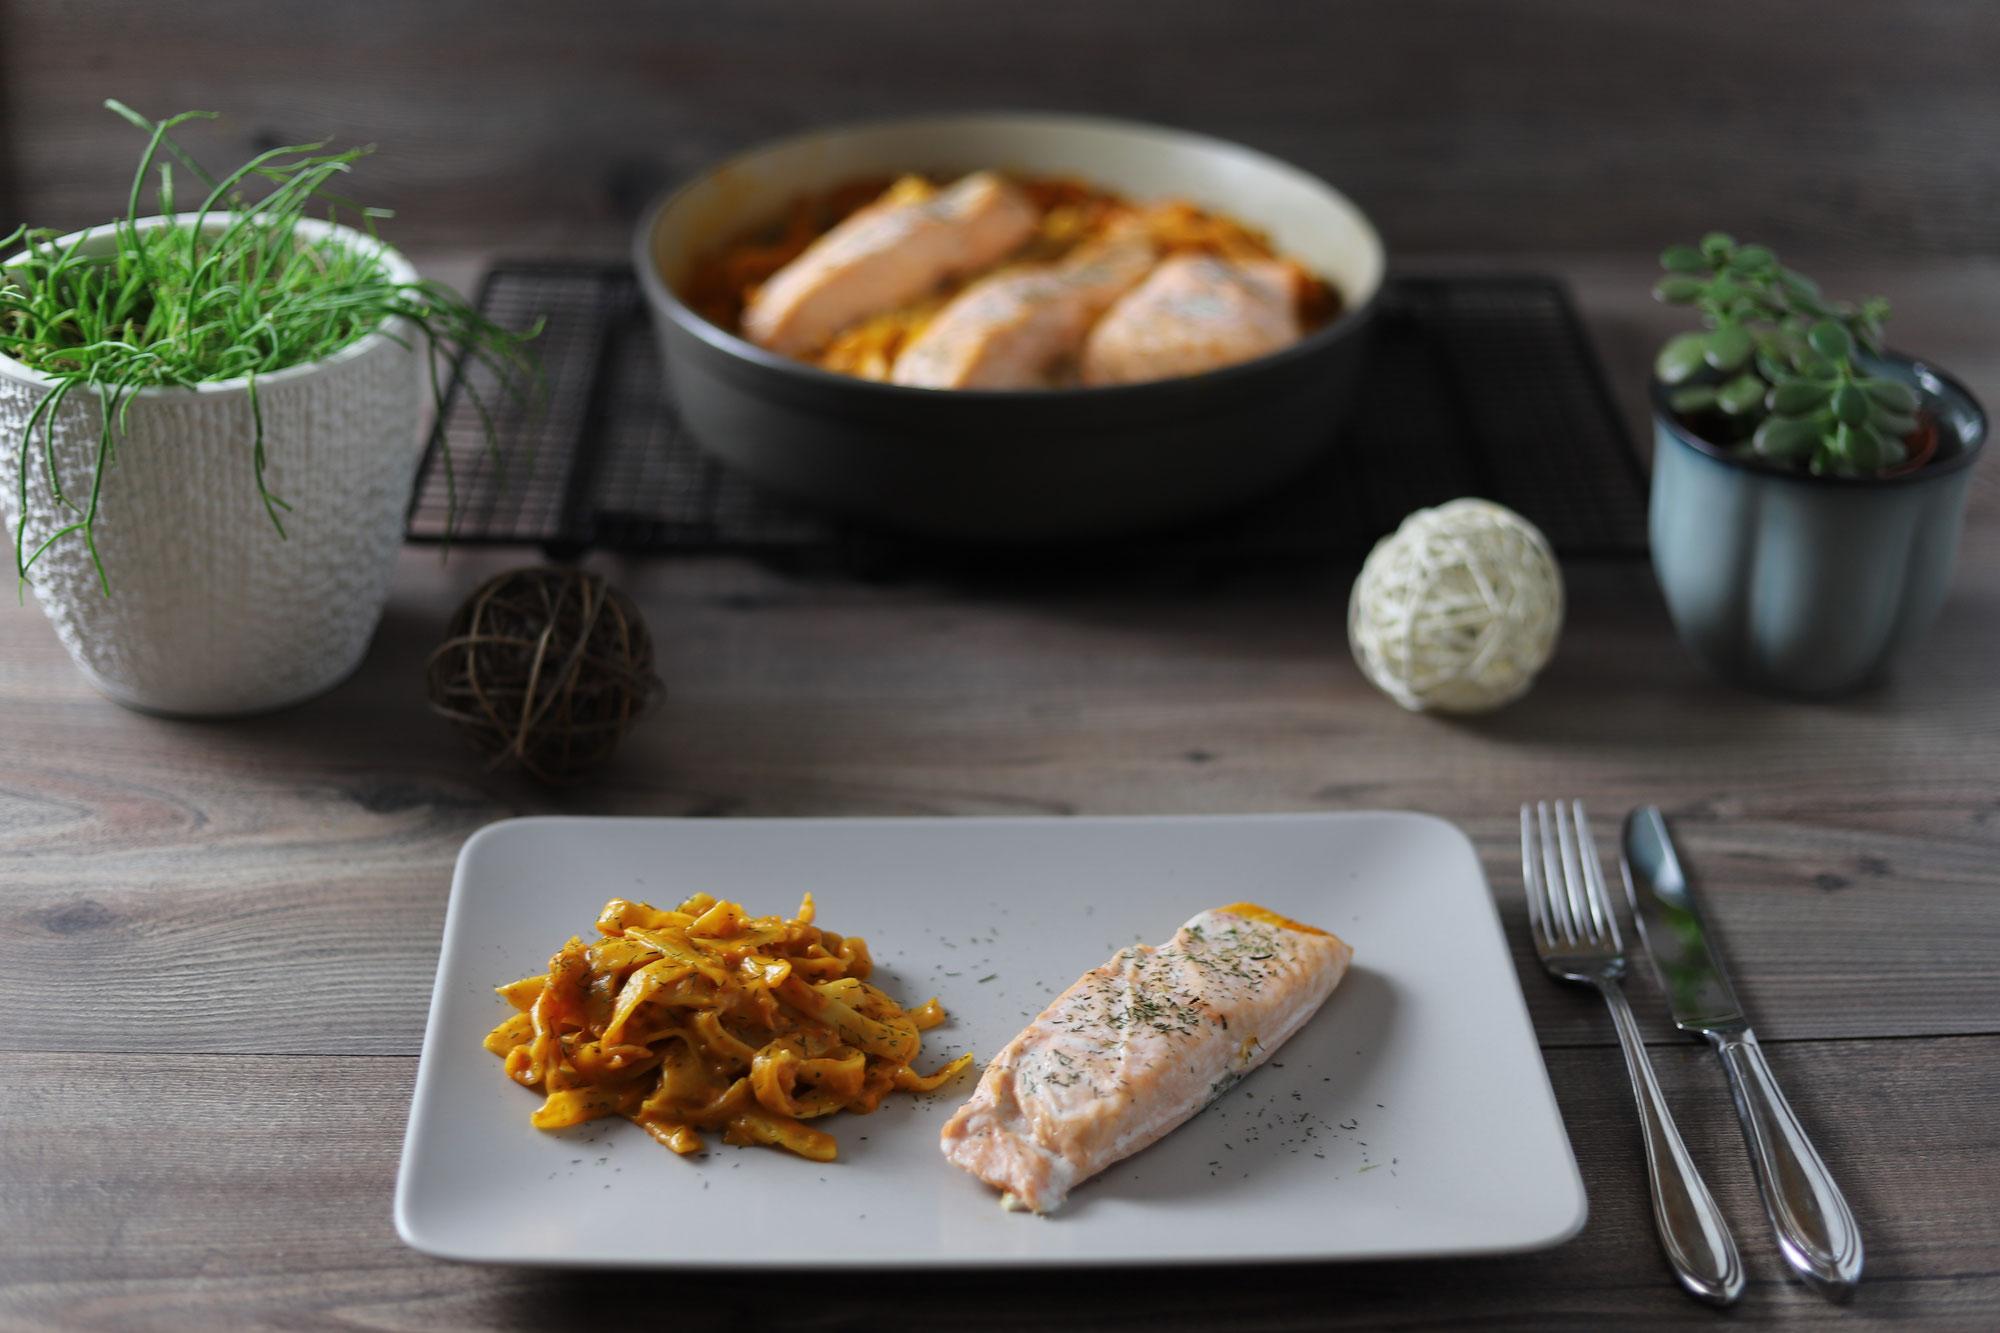 Nudel-Lachs-Töpfchen in der Stoneware rund von Pampered Chef®